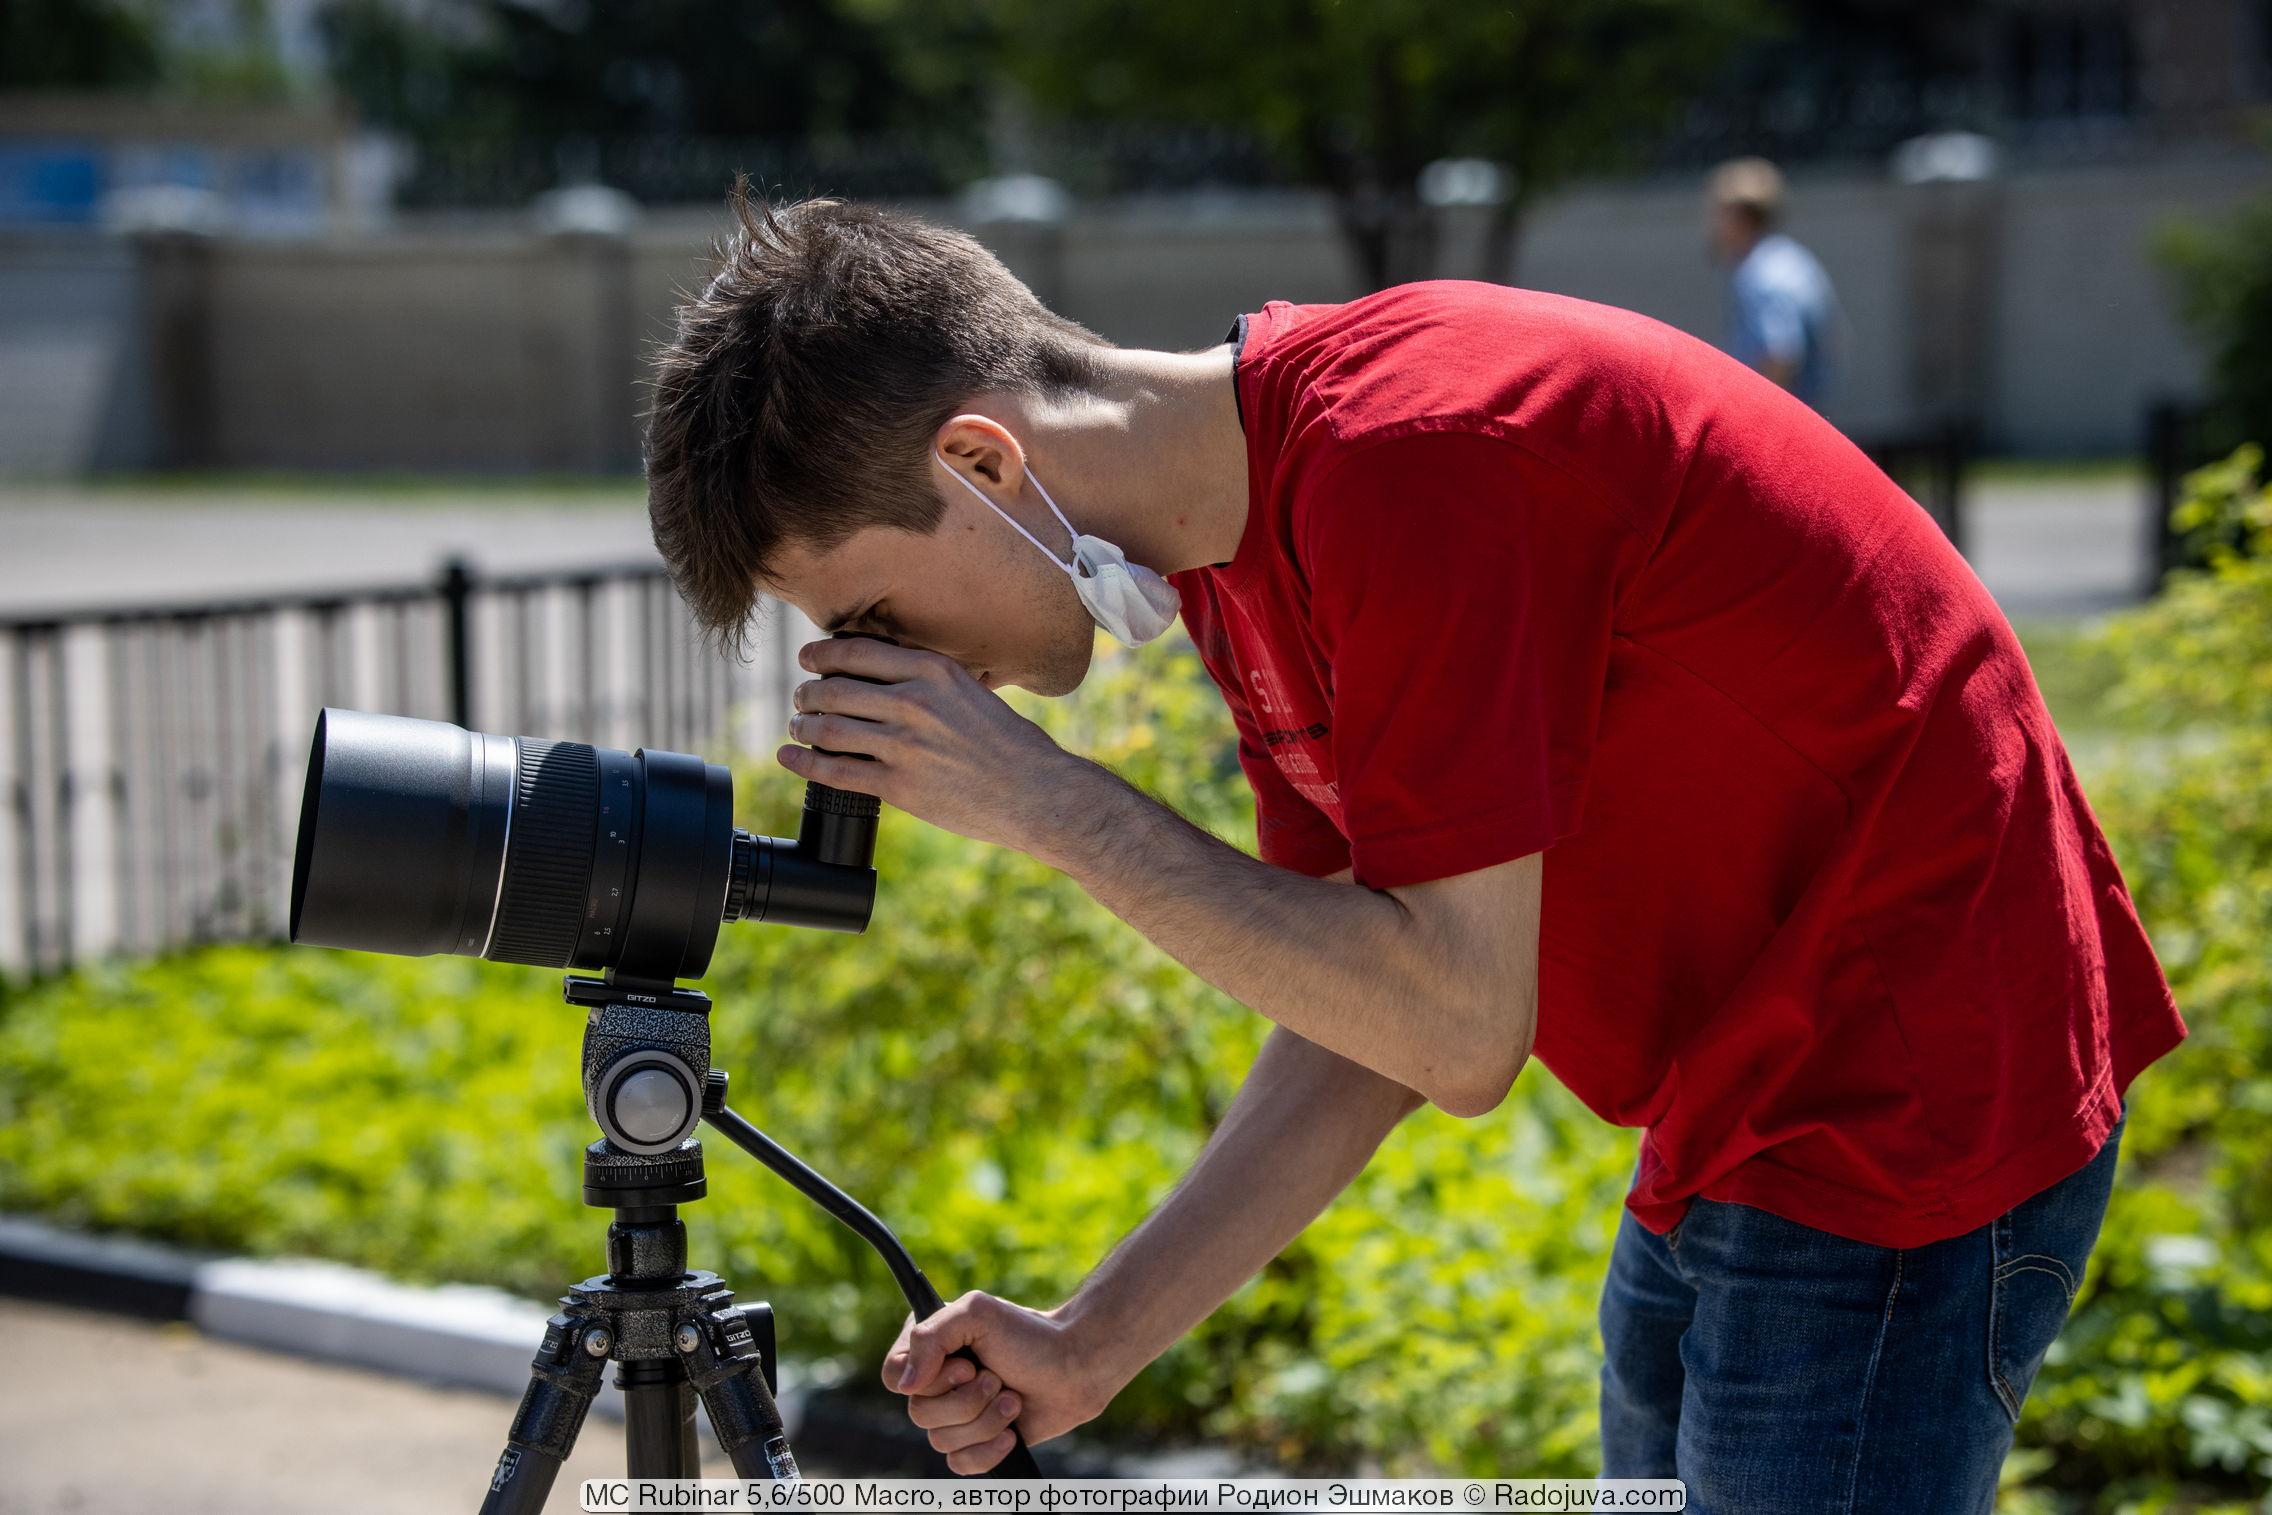 Рубинар 500/5.6 на обычном фотоштативе даже с какой-то случайной окулярной насадкой проявляет себя хорошо как инструмент для визуальных наблюдений.